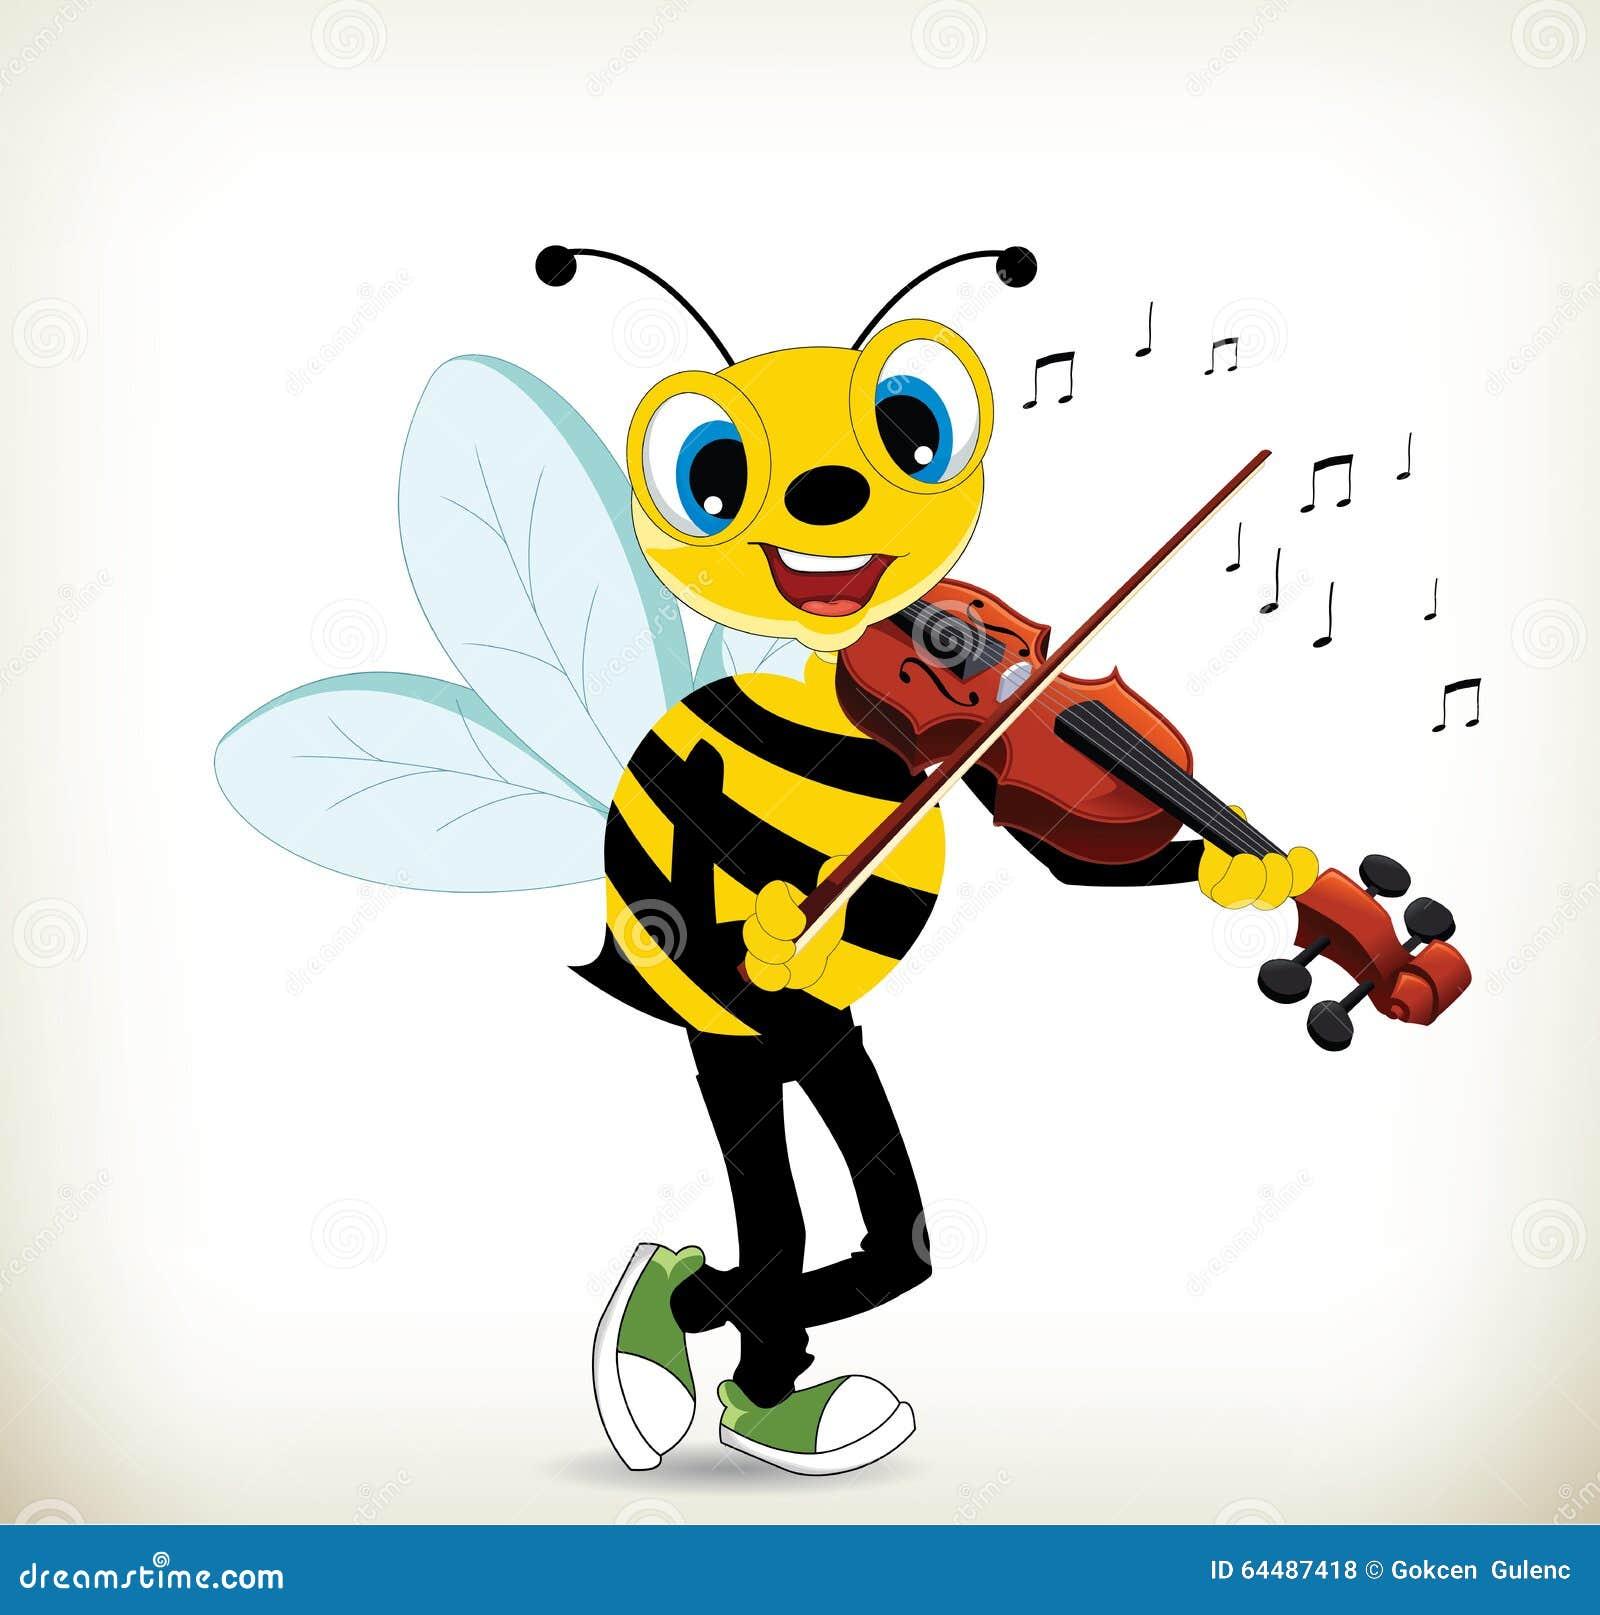 弹小提琴的动画片蜂.图片